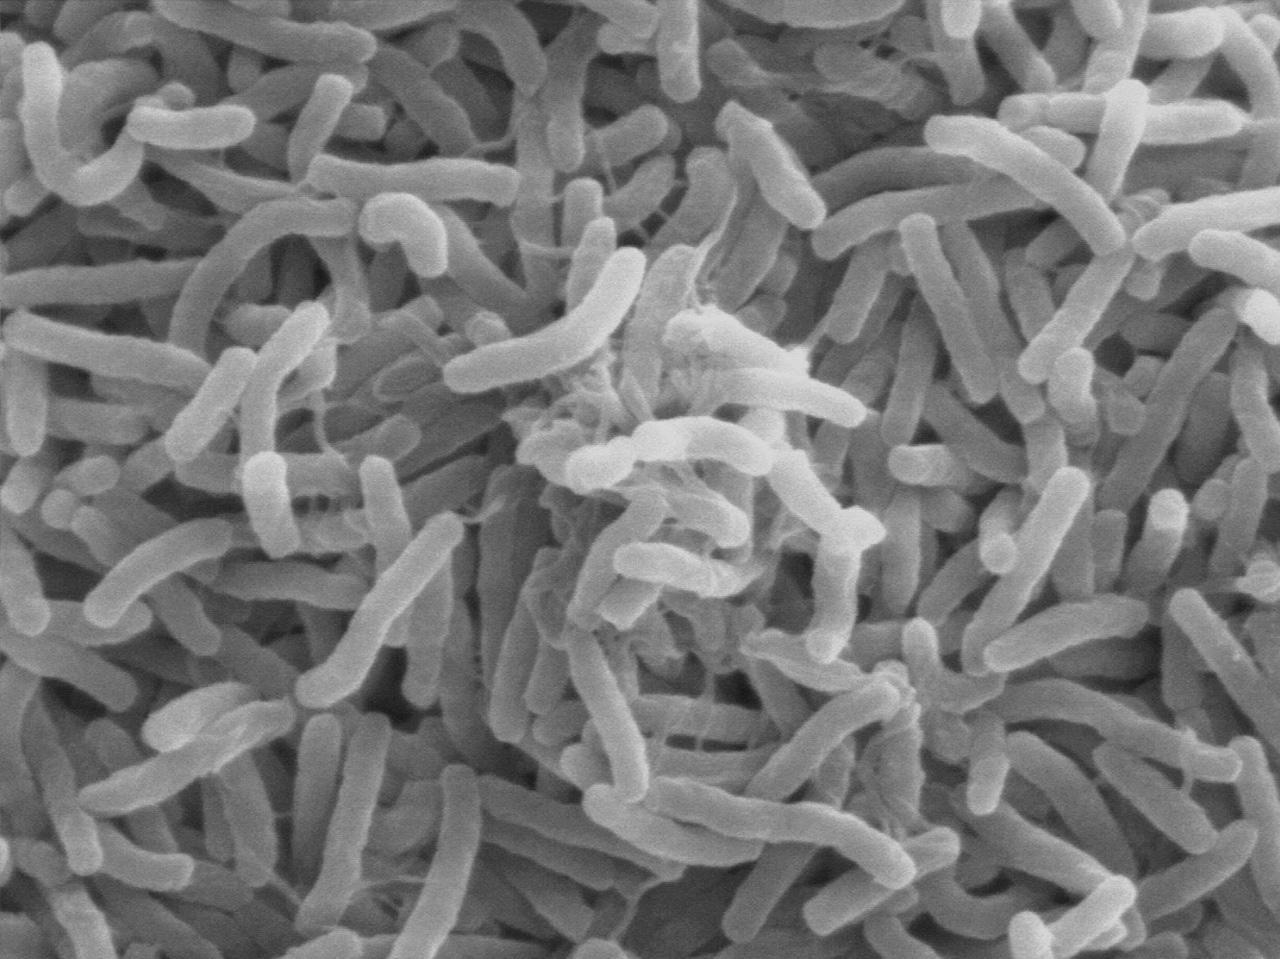 แบคทีเรีย ไวบริโอ คอเลอรา เชื้อก่อโรคอหิวาฯ